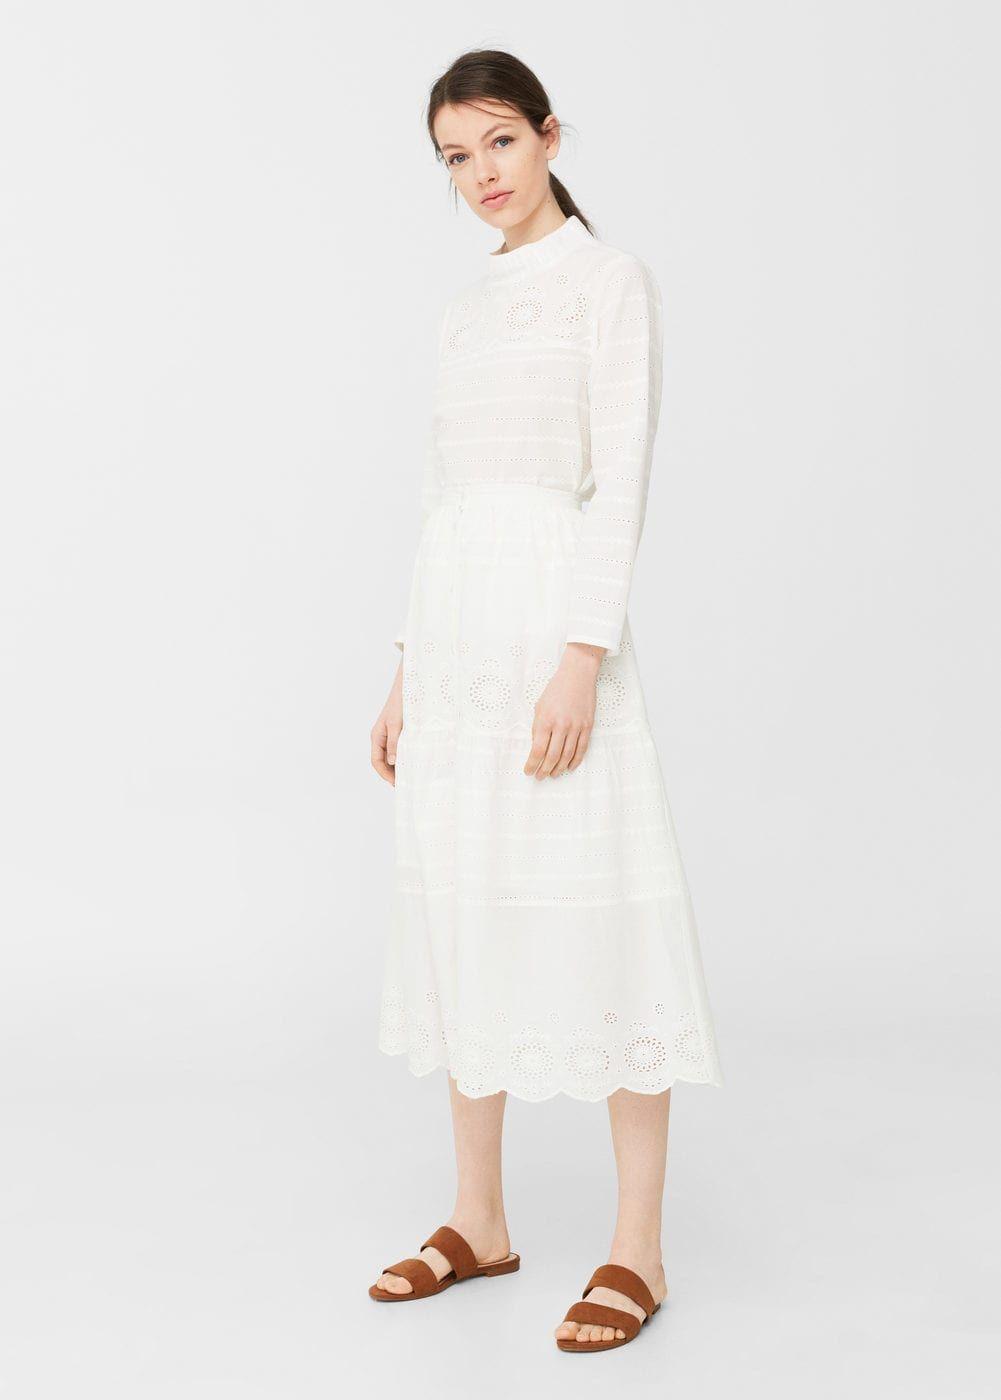 Jupe coton broderie | Jupe, Idées de mode et Habillé en blanc